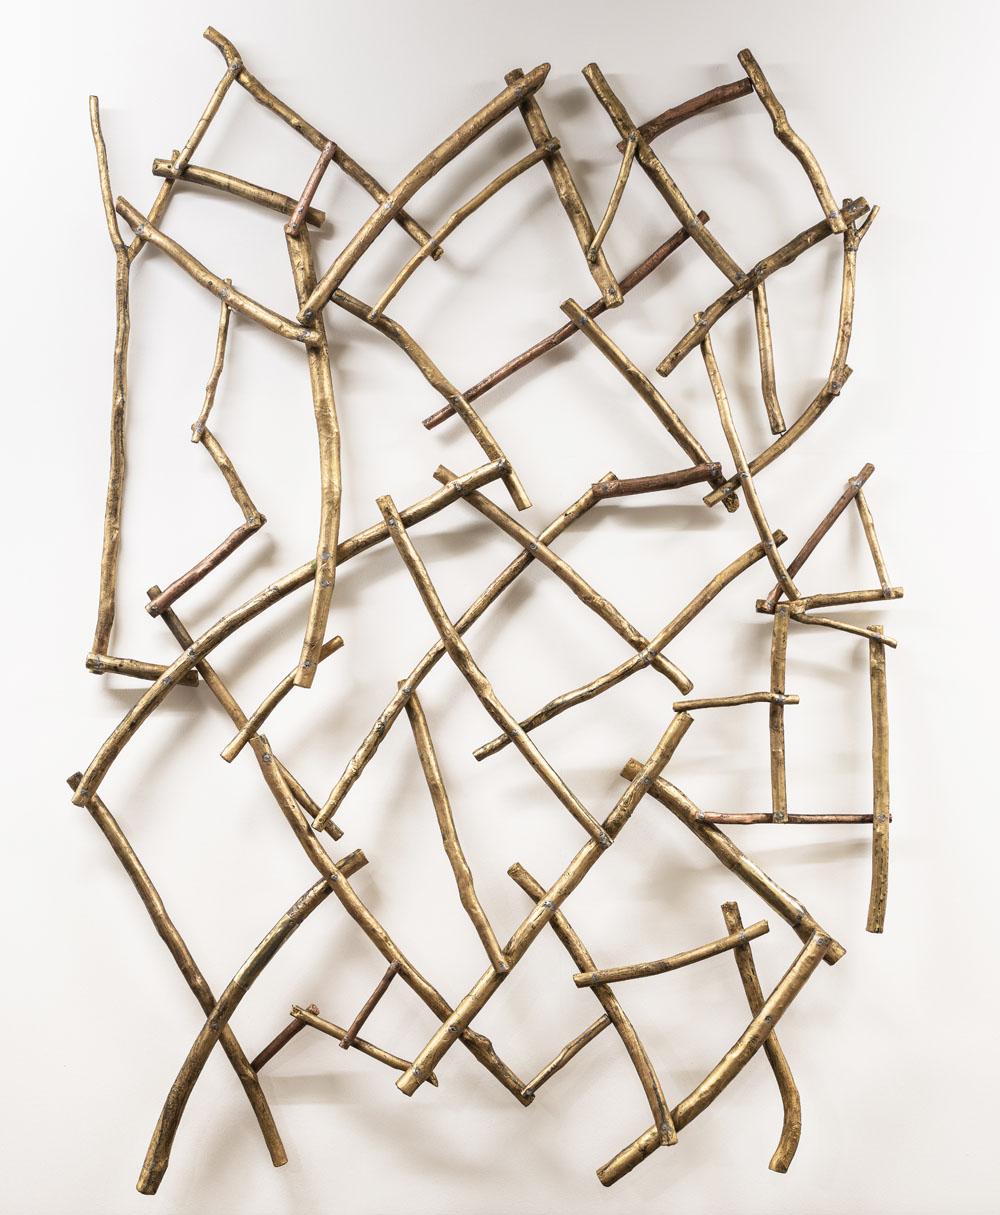 Senza titolo, 2018, legno rame ed incisioni su rame, 200 x 140 x 10 cm